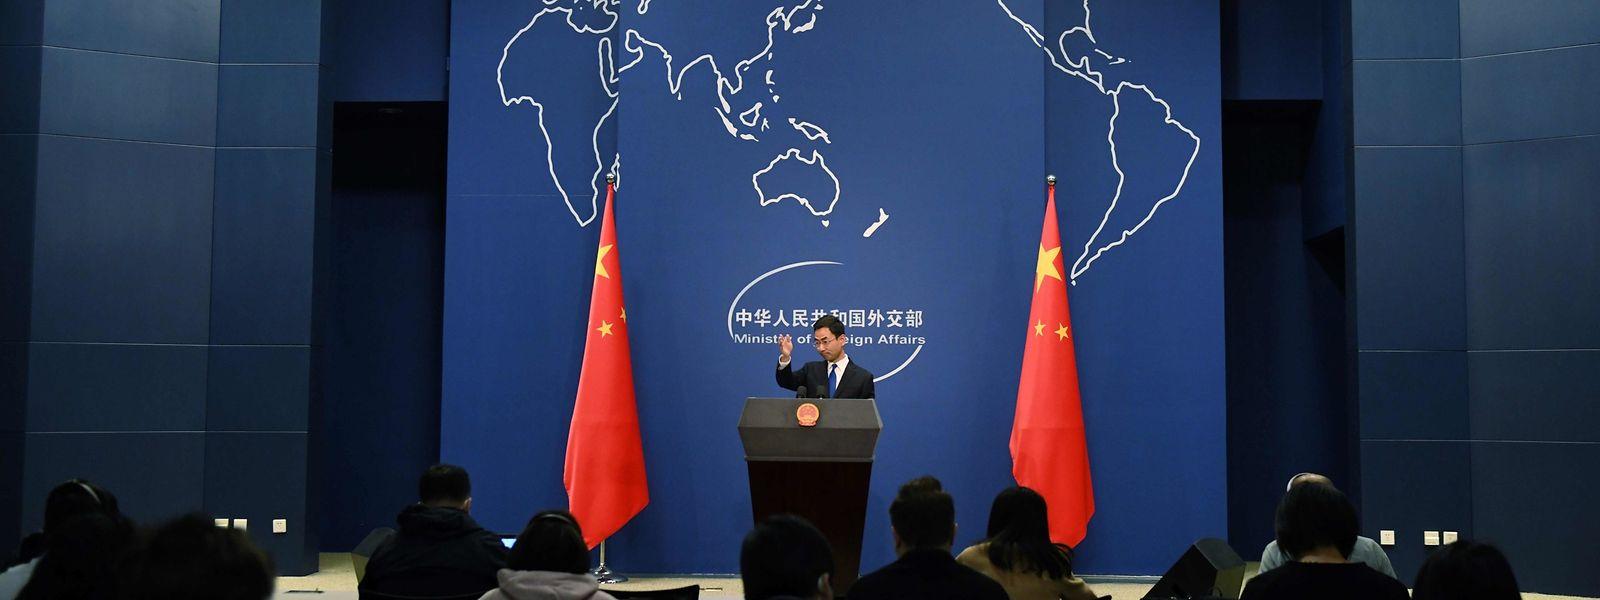 Der Sprecher des chinesischen Außenministeriums Geng Shuang bei einer Pressekonferenz in Beijing am Mittwoch.